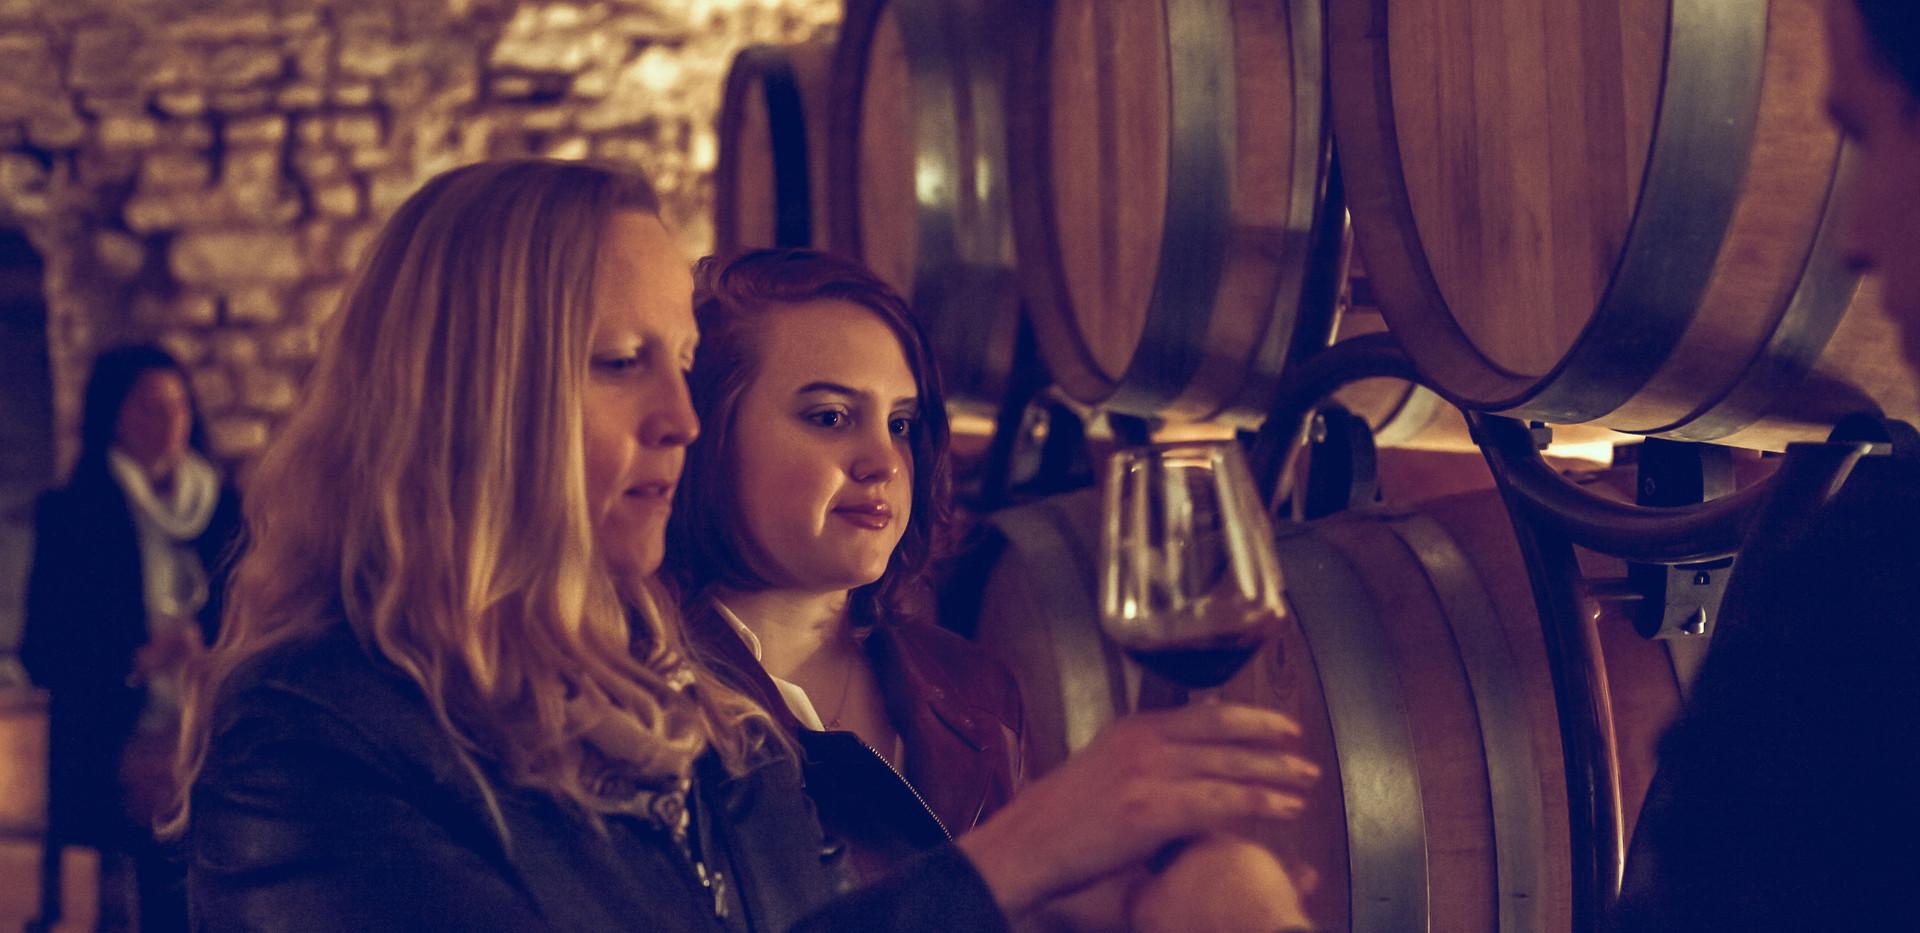 Tasting wines